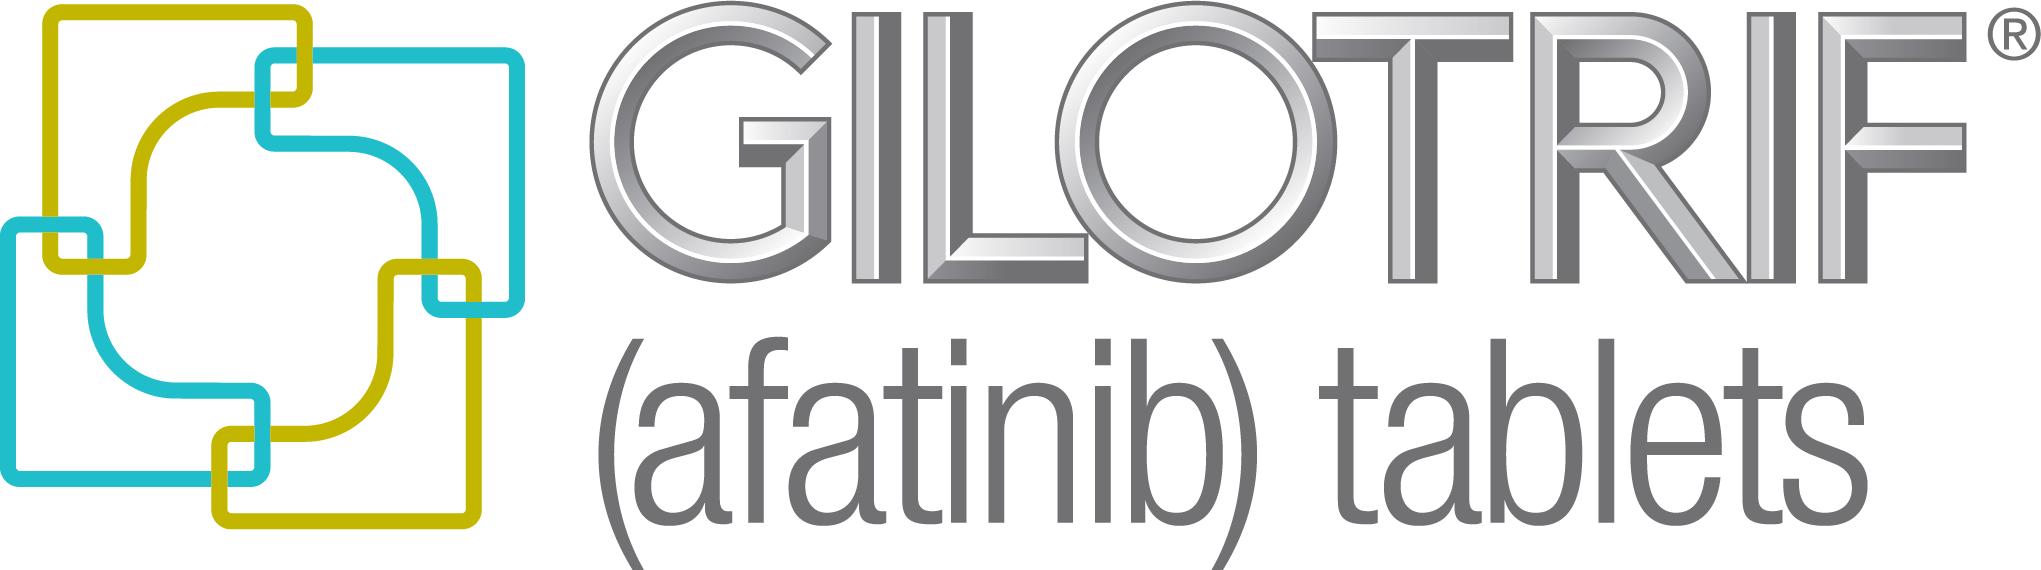 Gilotrif® (afatinib) tablets